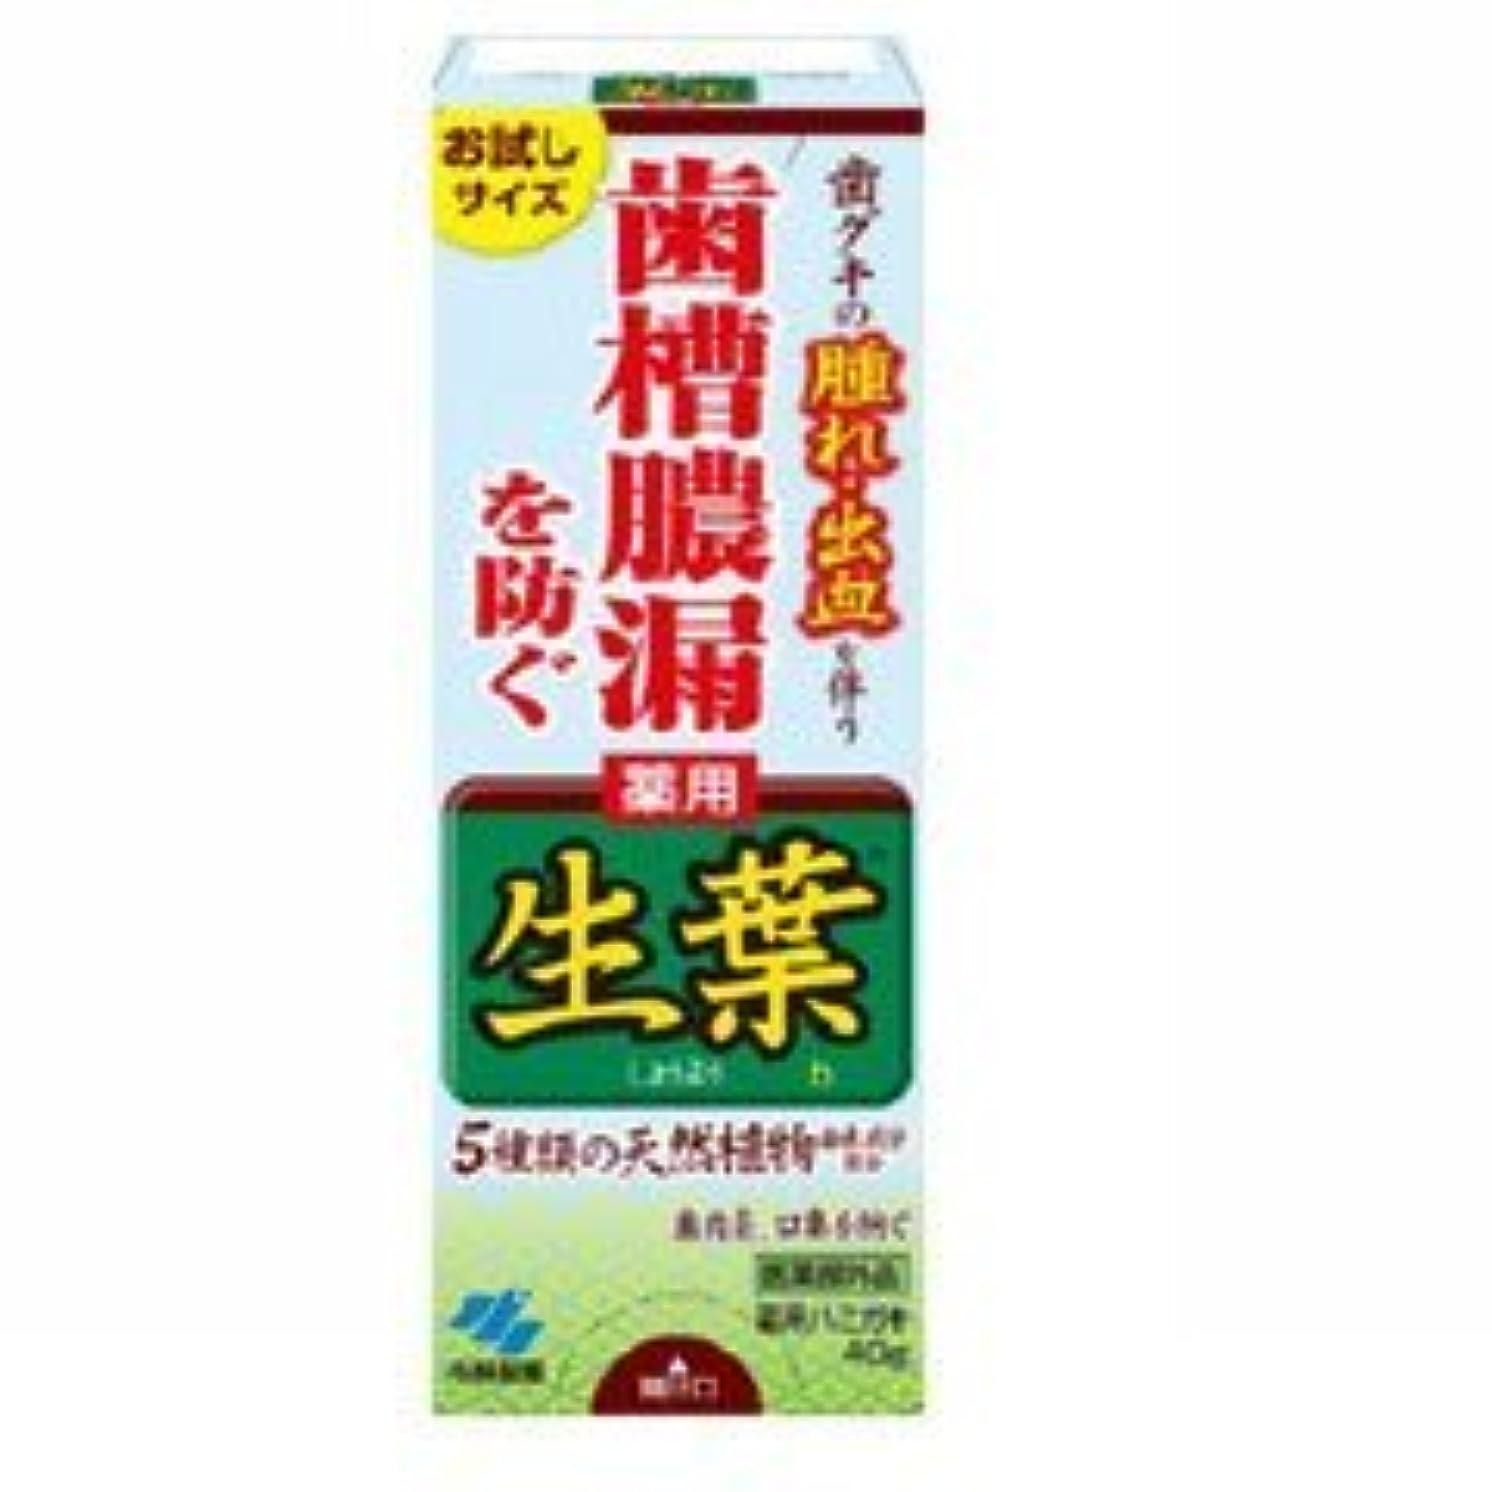 不満推定もろい【小林製薬】生葉 お試しサイズ 40g